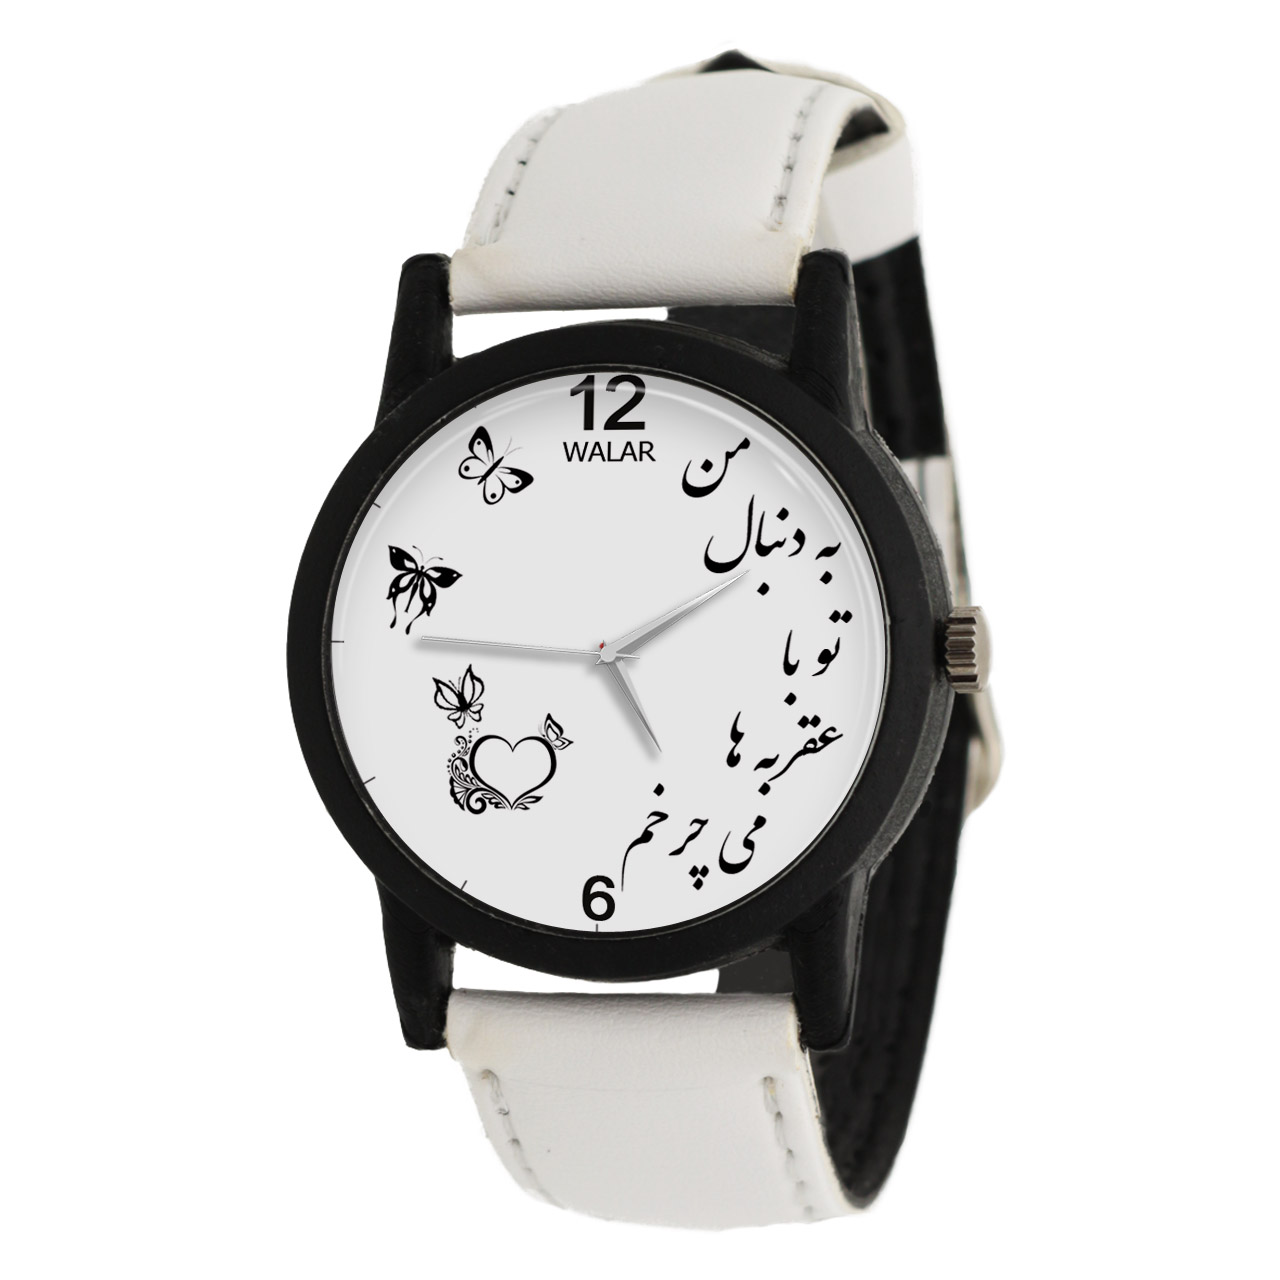 ساعت مچی عقربه ای زنانه والار مدل LF1445